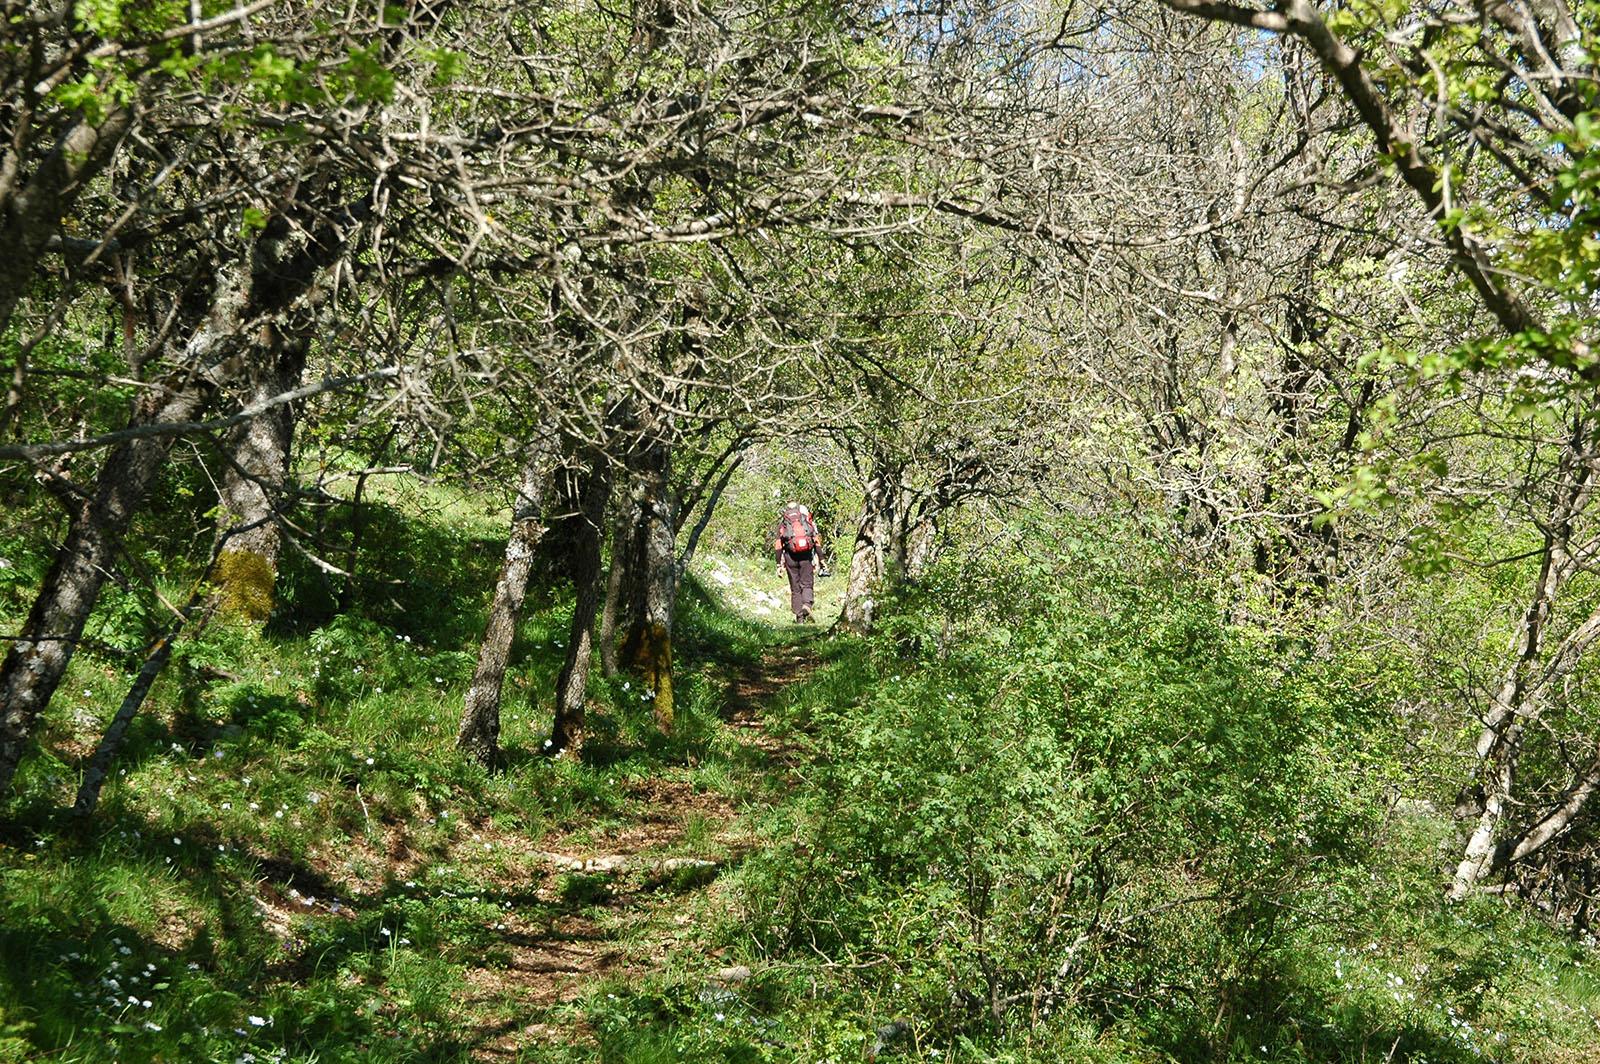 Cammino Basiliano: Alessandria del Carretto - Cerchiara di Calabria